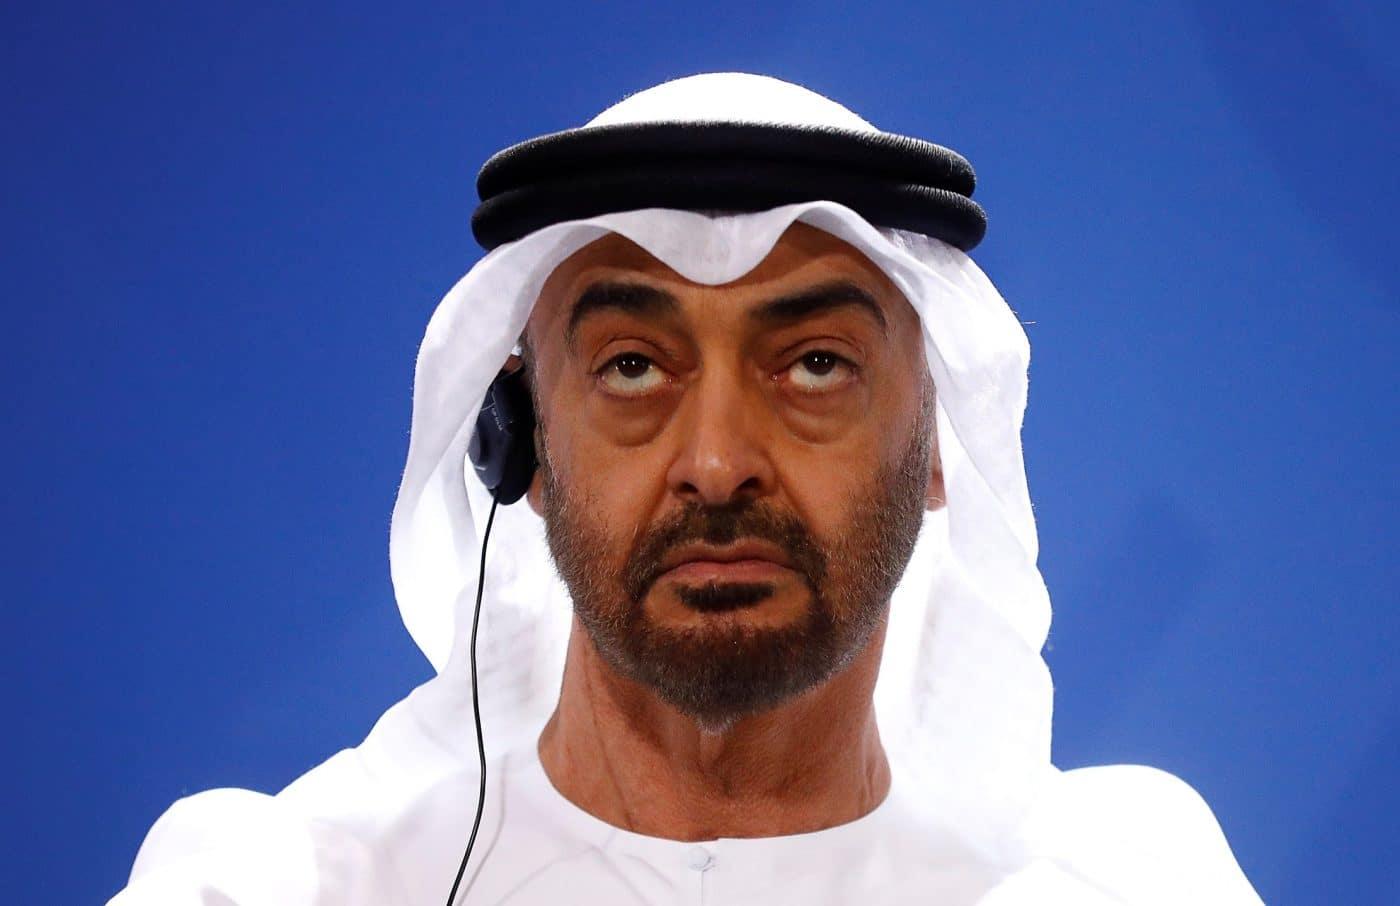 من حصار قطر إلى مقتل خاشقجي.. هكذا دمر ابن زايد السعودية وأغرق ابن سلمان في بحر الدم